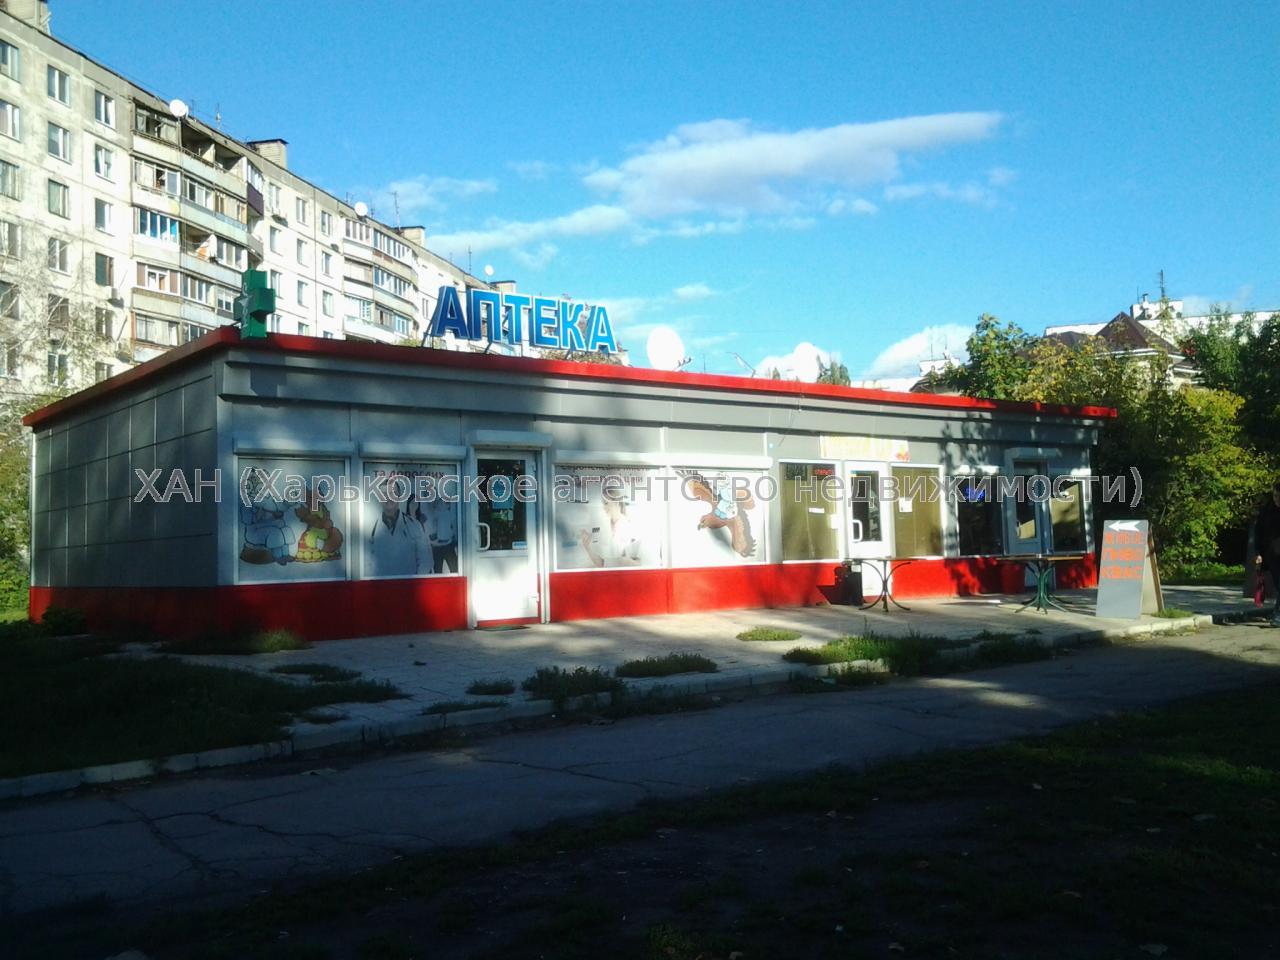 Фото 2 - Продам нежилую недвижимость Харьков, Механизаторская ул.